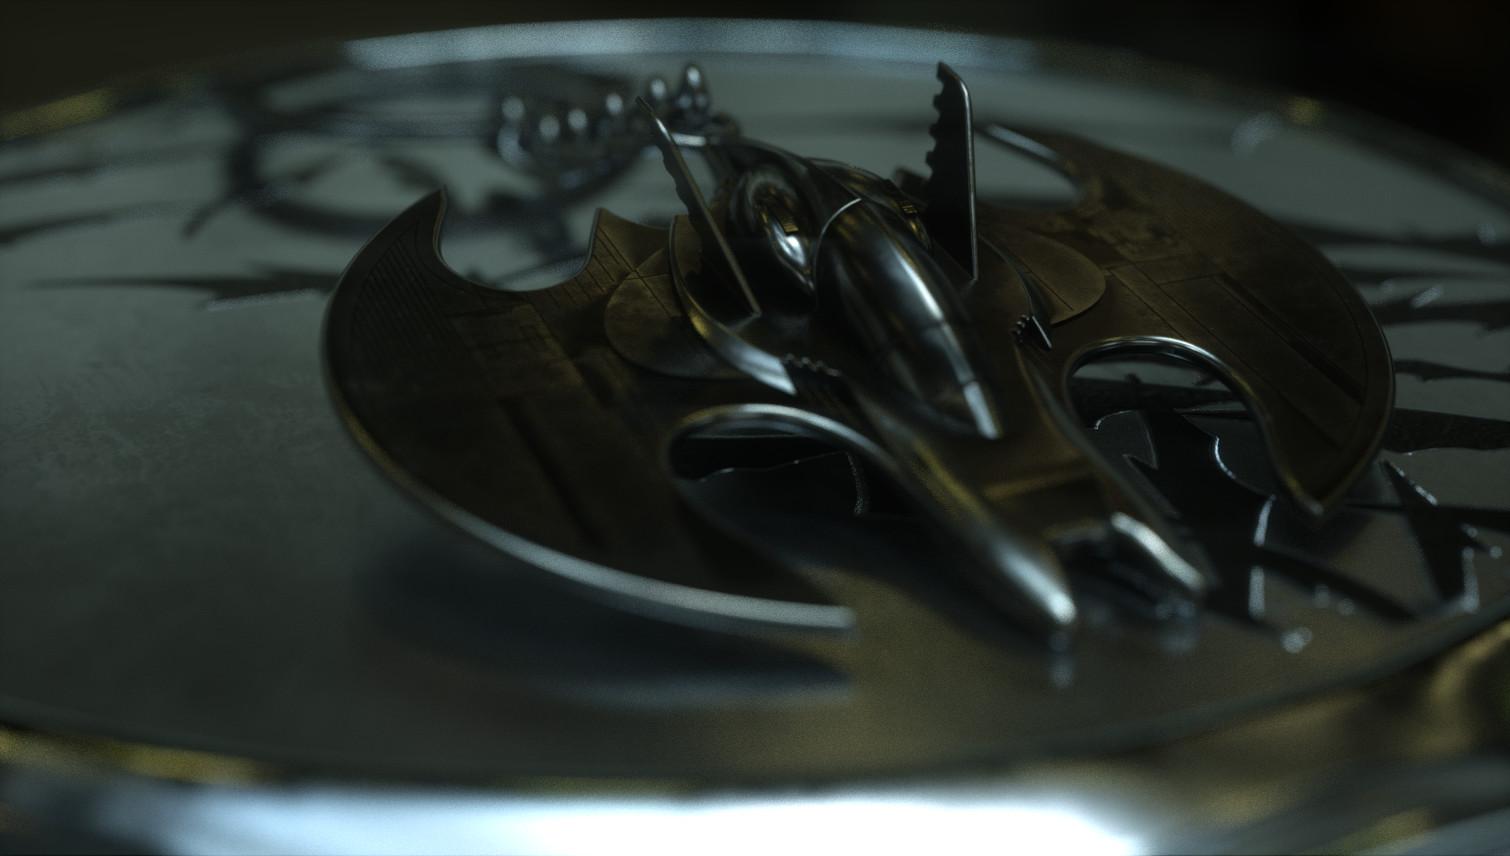 Batwing Key Chain - LootCrate - Fan Art